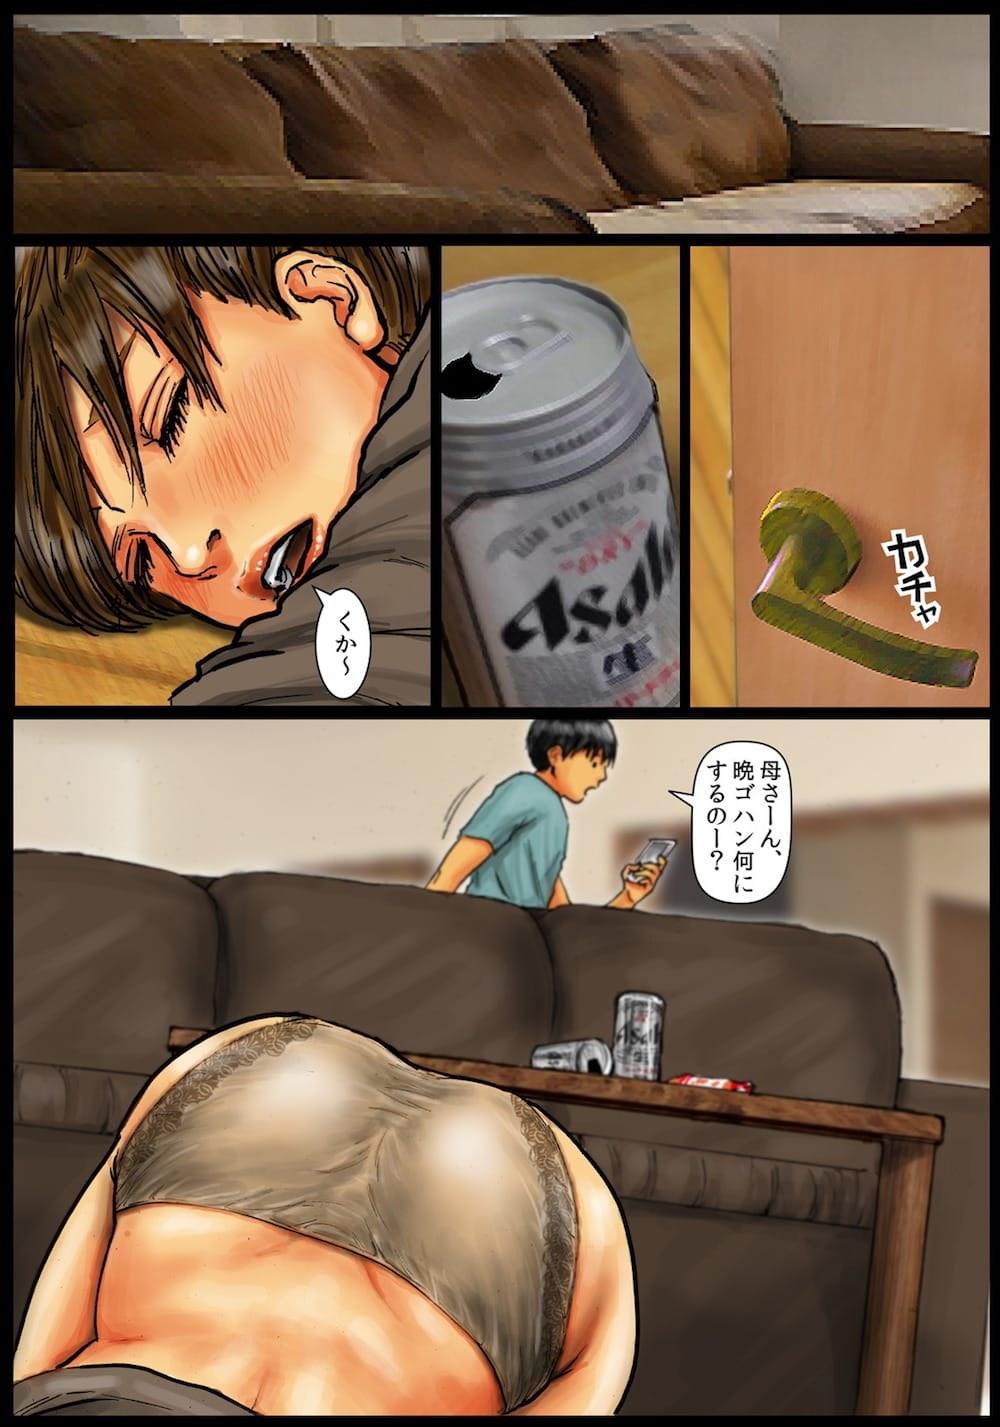 【エロ漫画・同人誌】酔っぱらった母親とセックスした時の感触が忘れられない男子が母親が寝ている時を見計らって中出し! 007